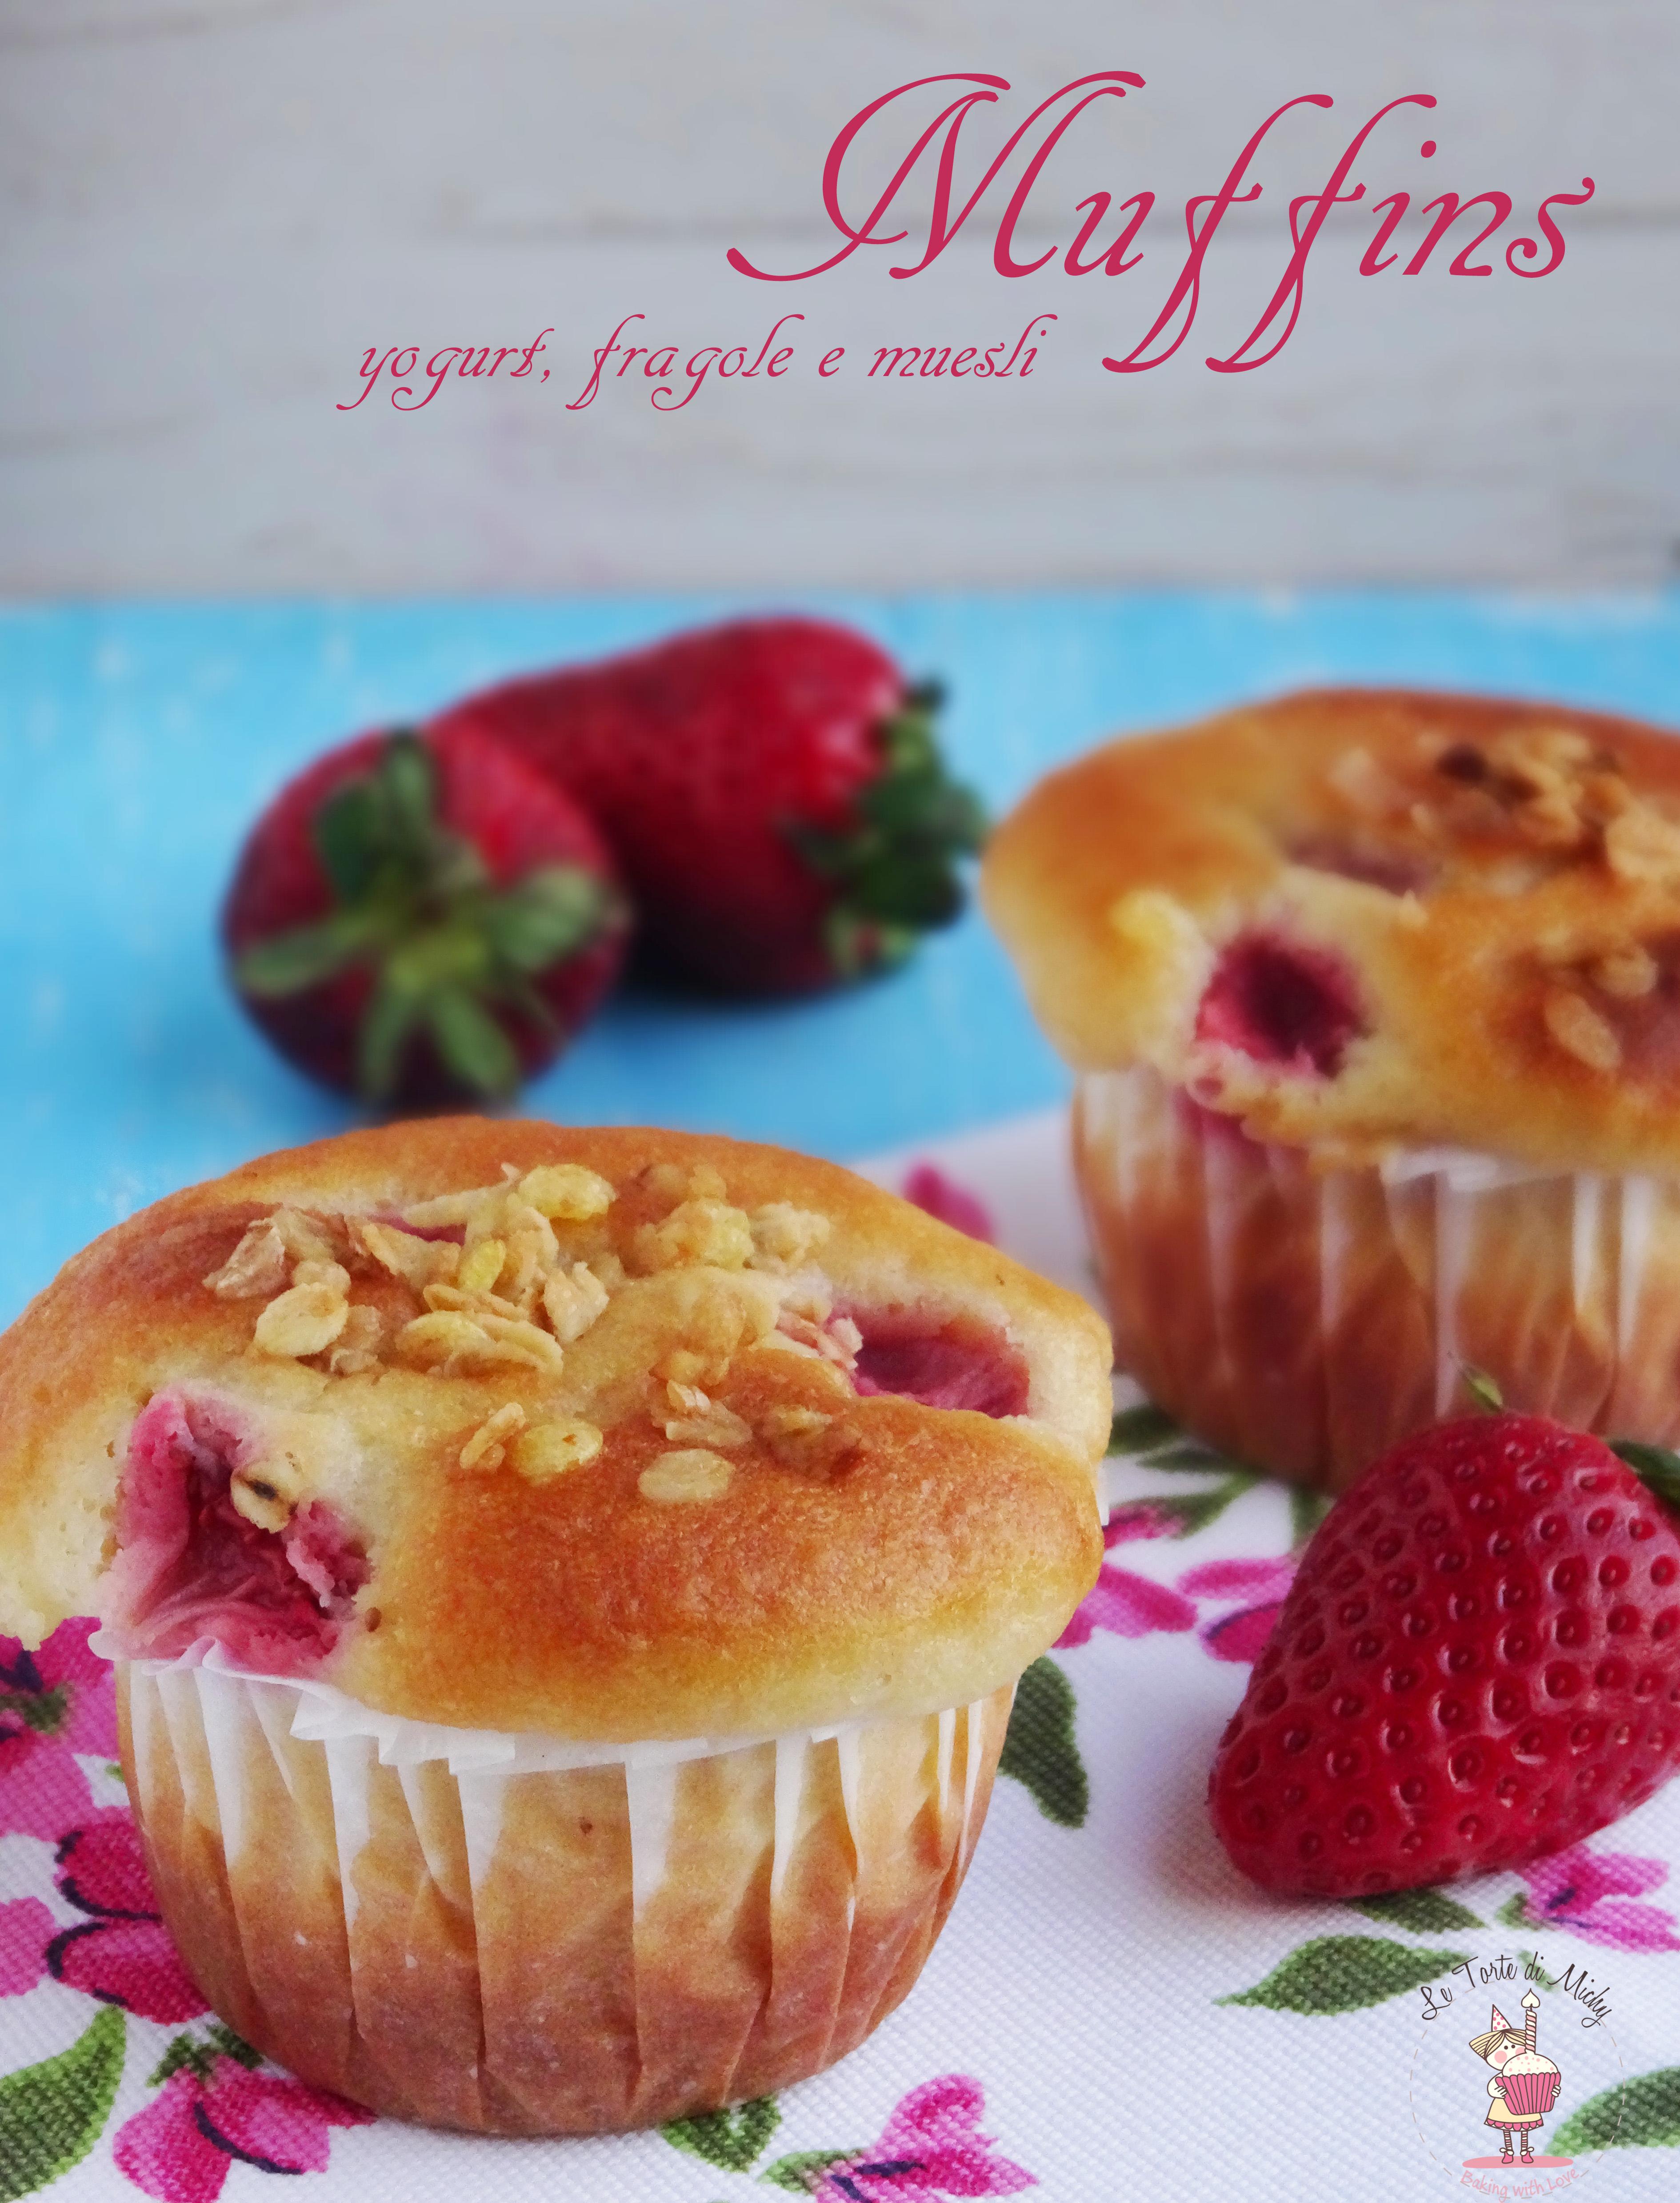 Muffins yogurt, fragole e muesli